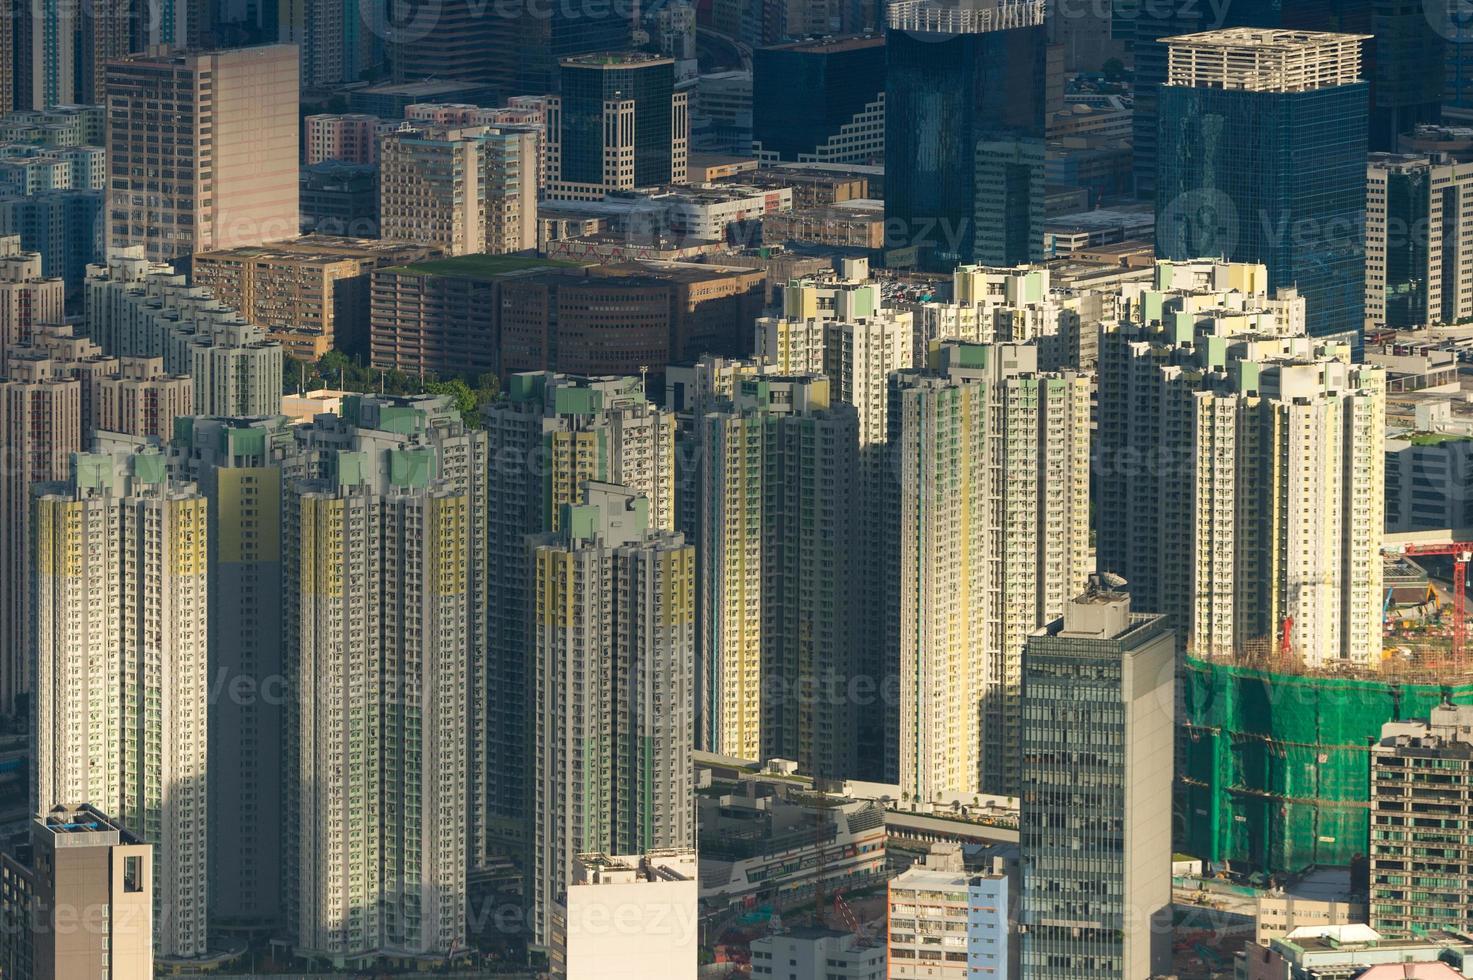 paysage urbain bâtiment résident bondé photo